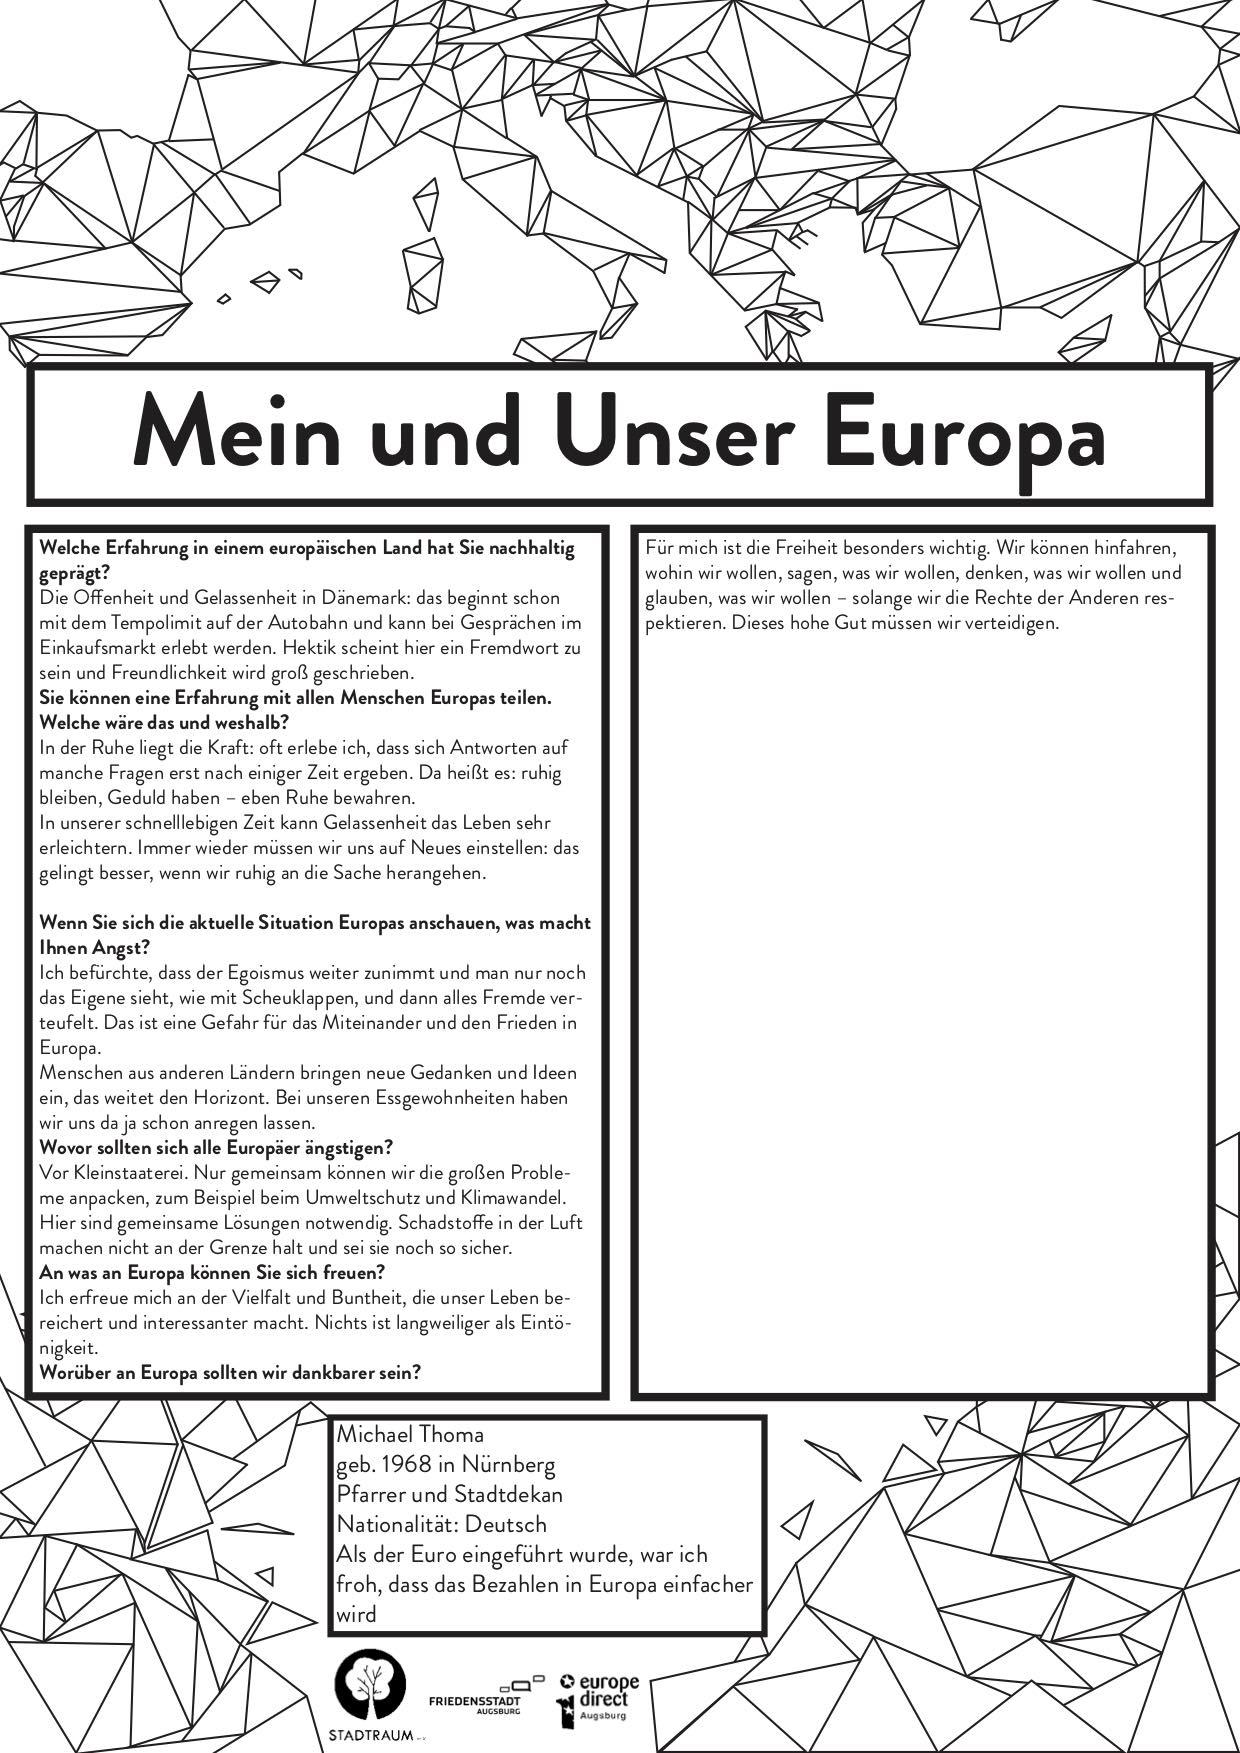 Europa thoma